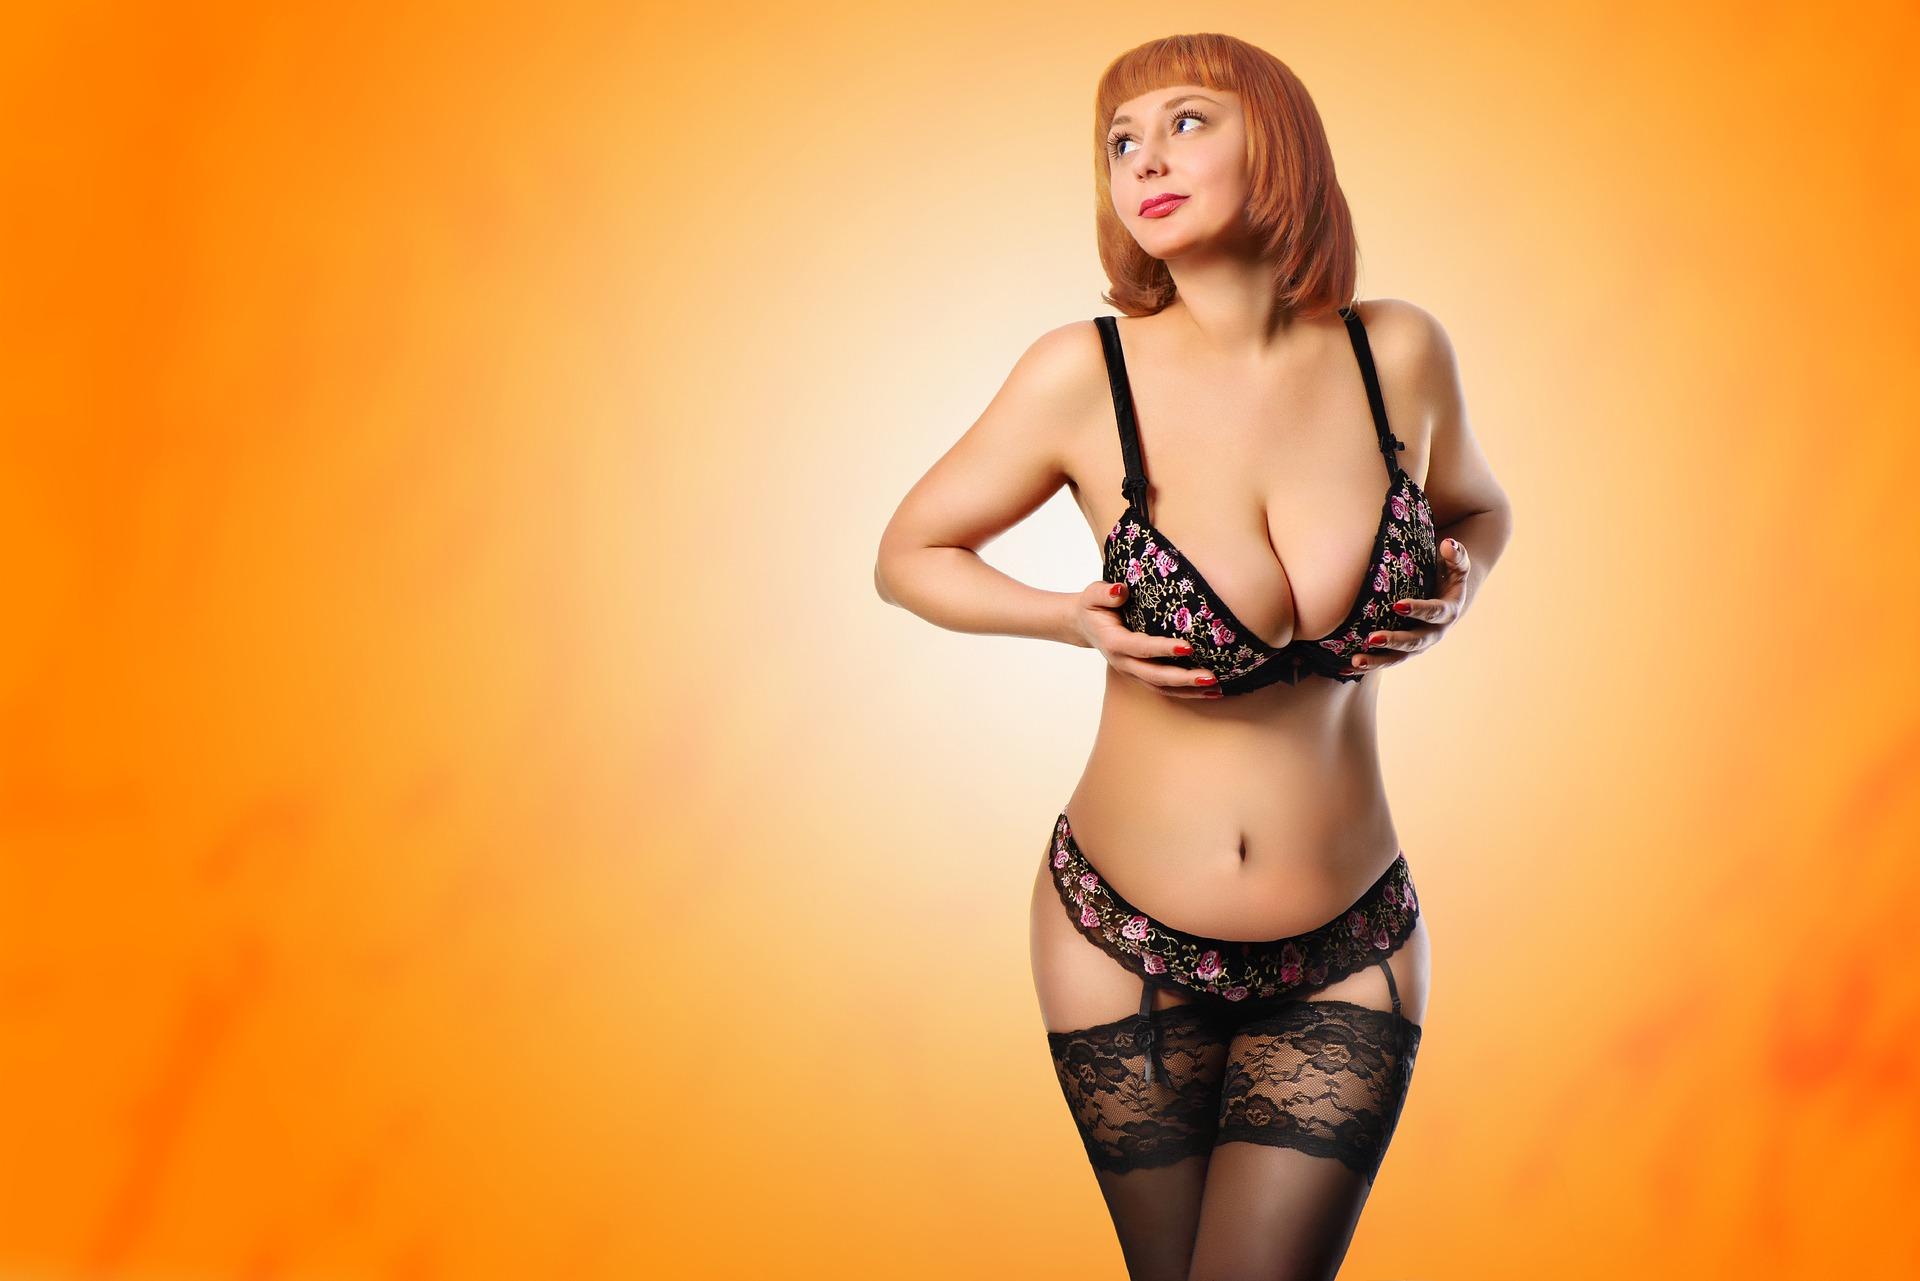 Pourquoi les hommes aiment les gros seins ?